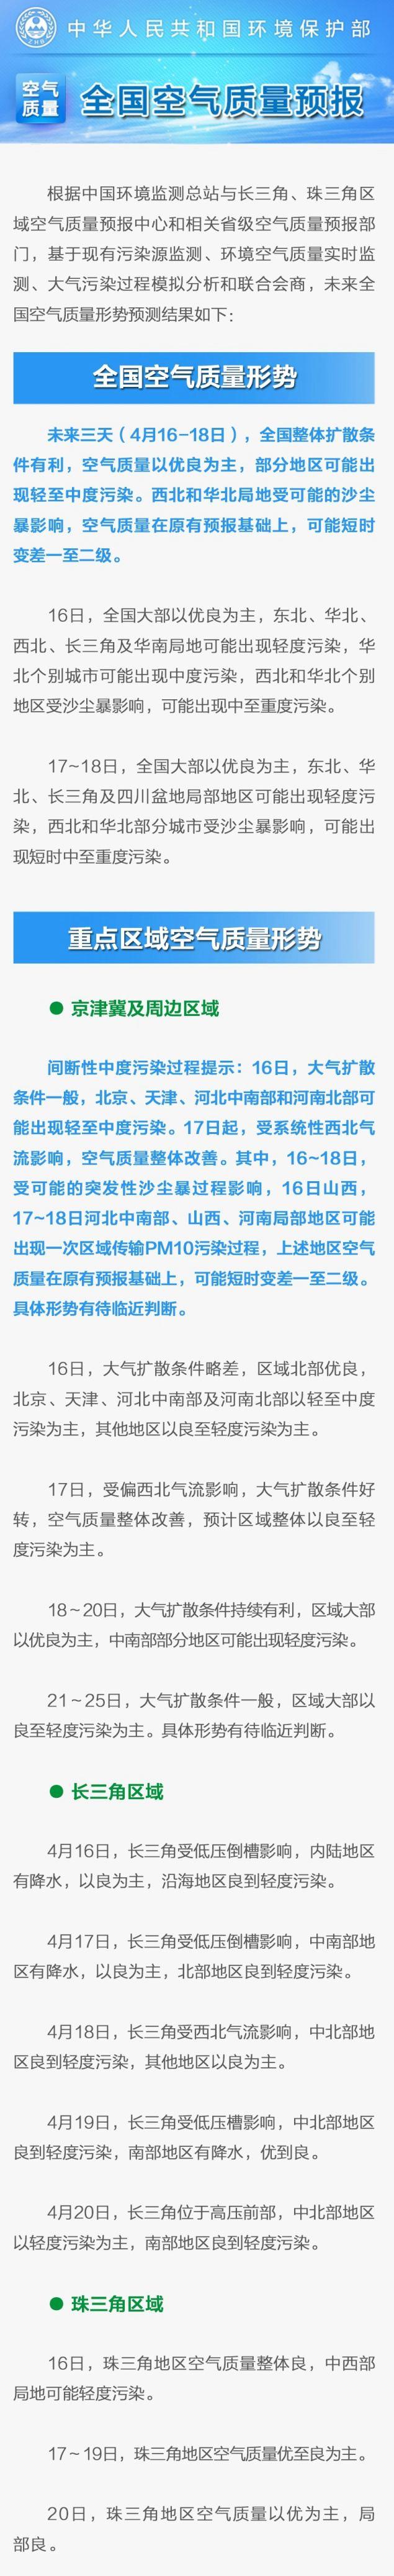 北京赛车PK10投注网站